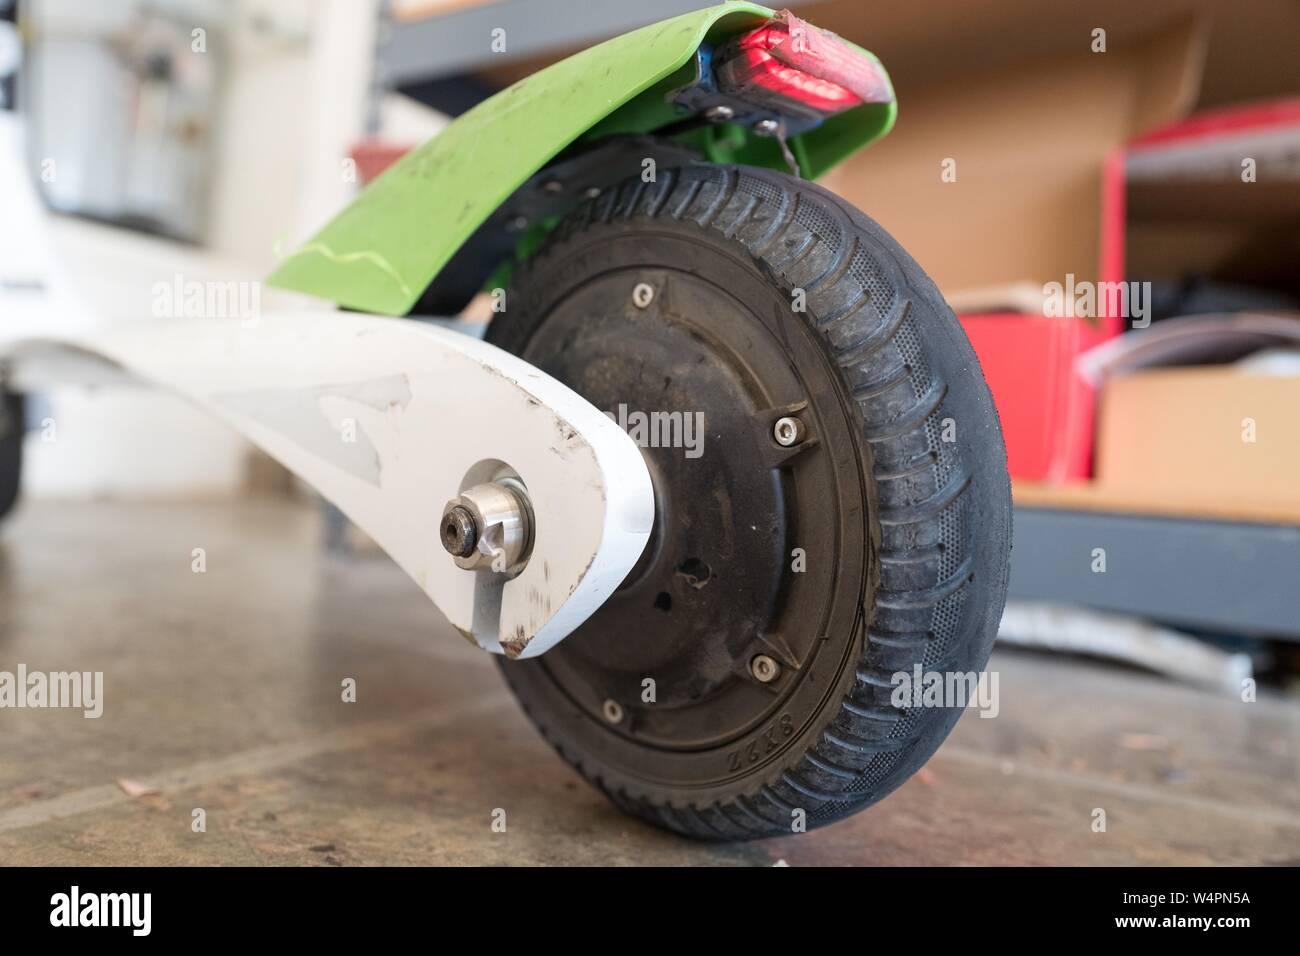 Bajo el ángulo, la vista cercana del neumático neumático trasero en un scooter eléctrico dockless Cal en San Ramón, California, 18 de octubre de 2018. () Foto de stock